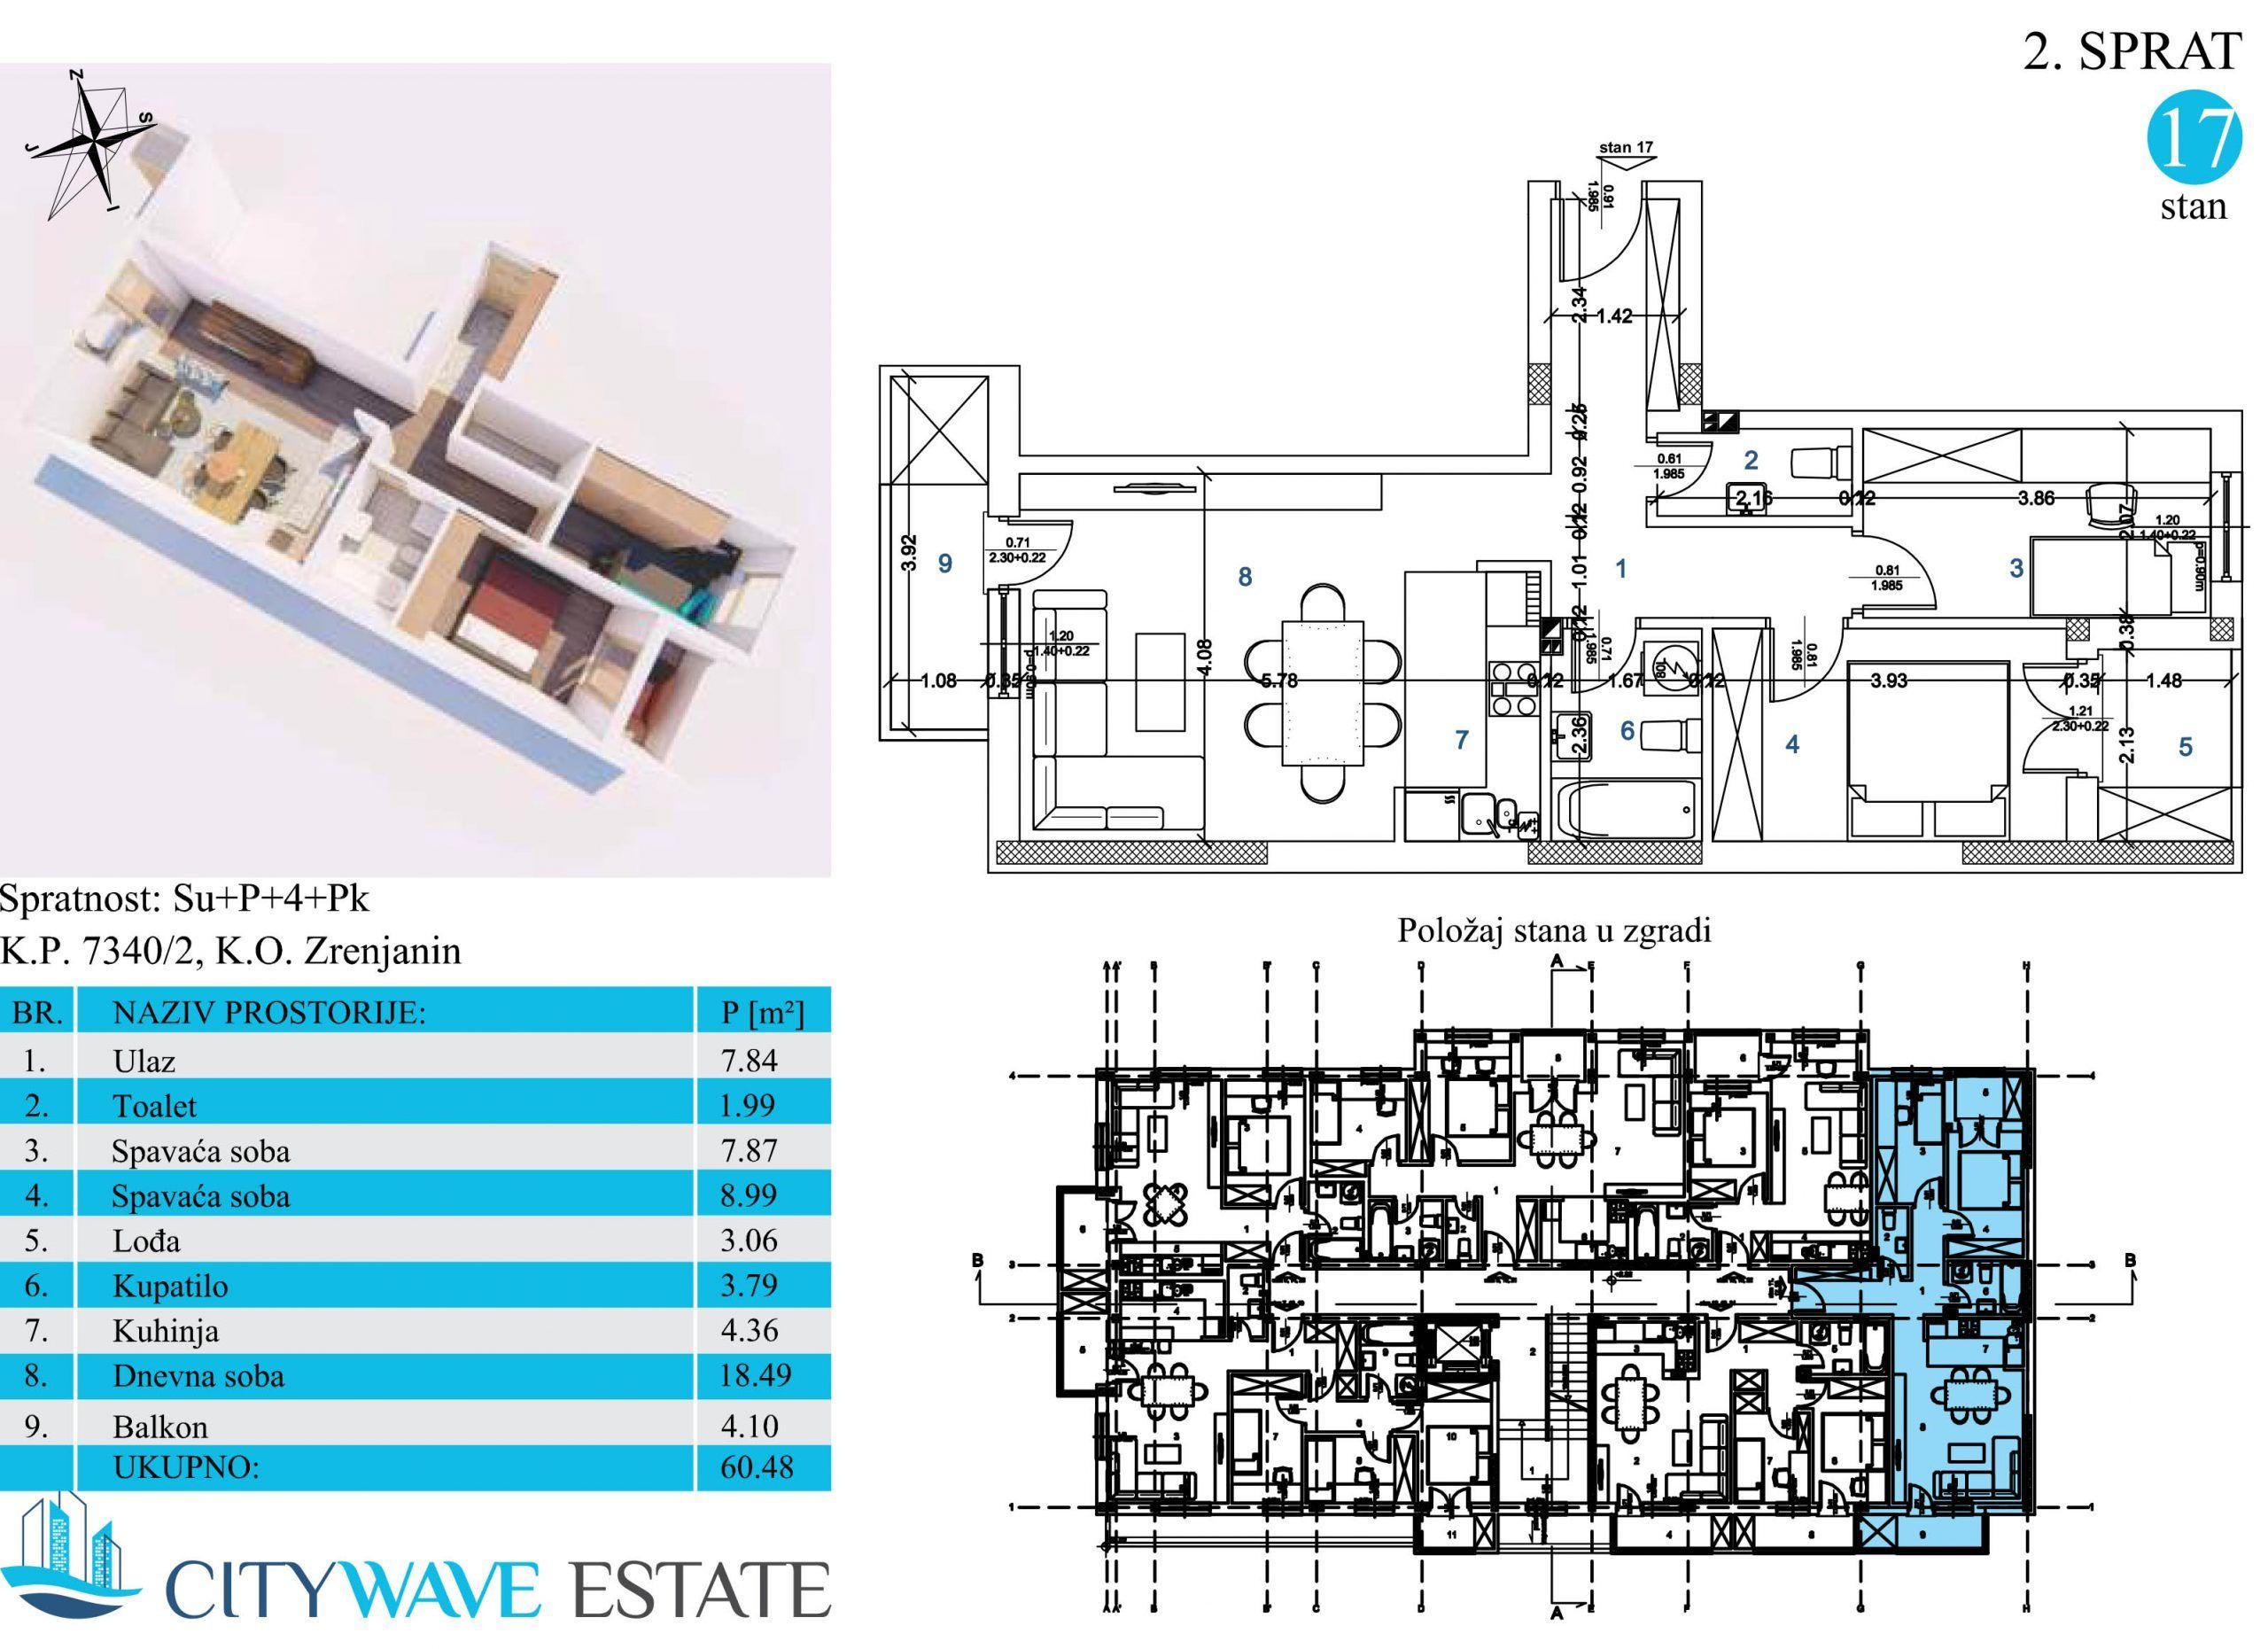 Stan 17 površine 60,48m2